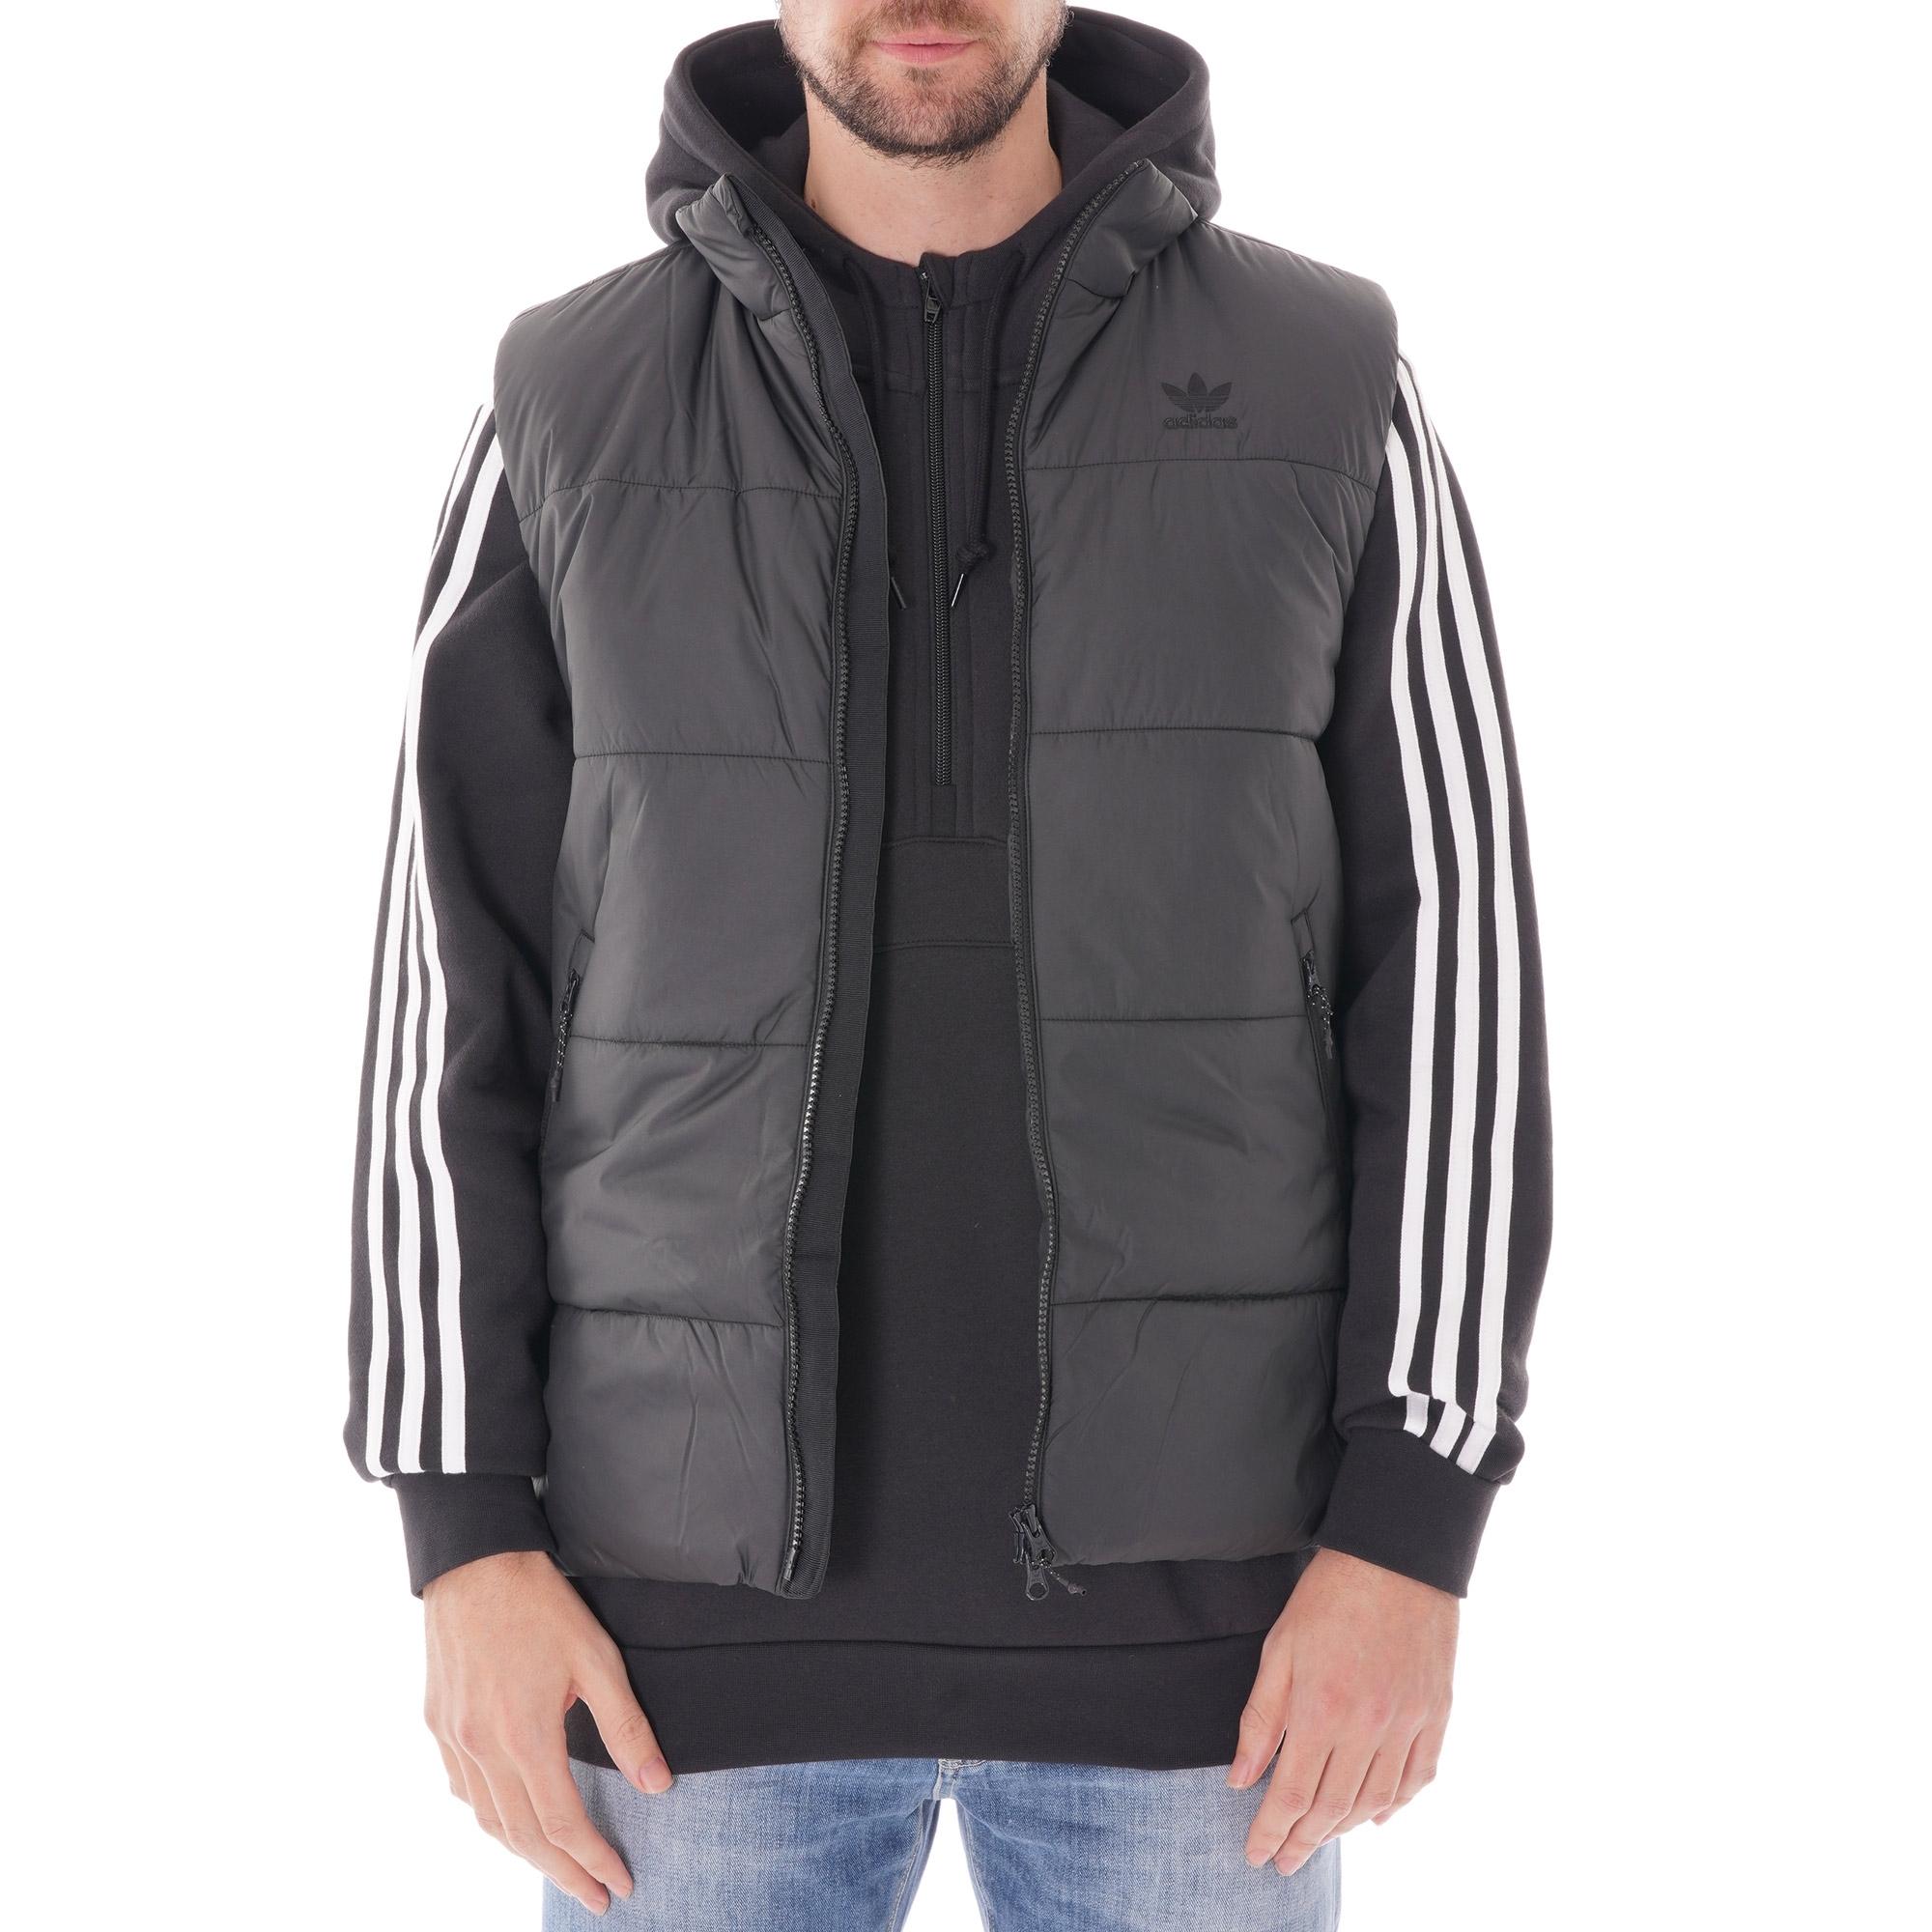 Vest Jacket Black